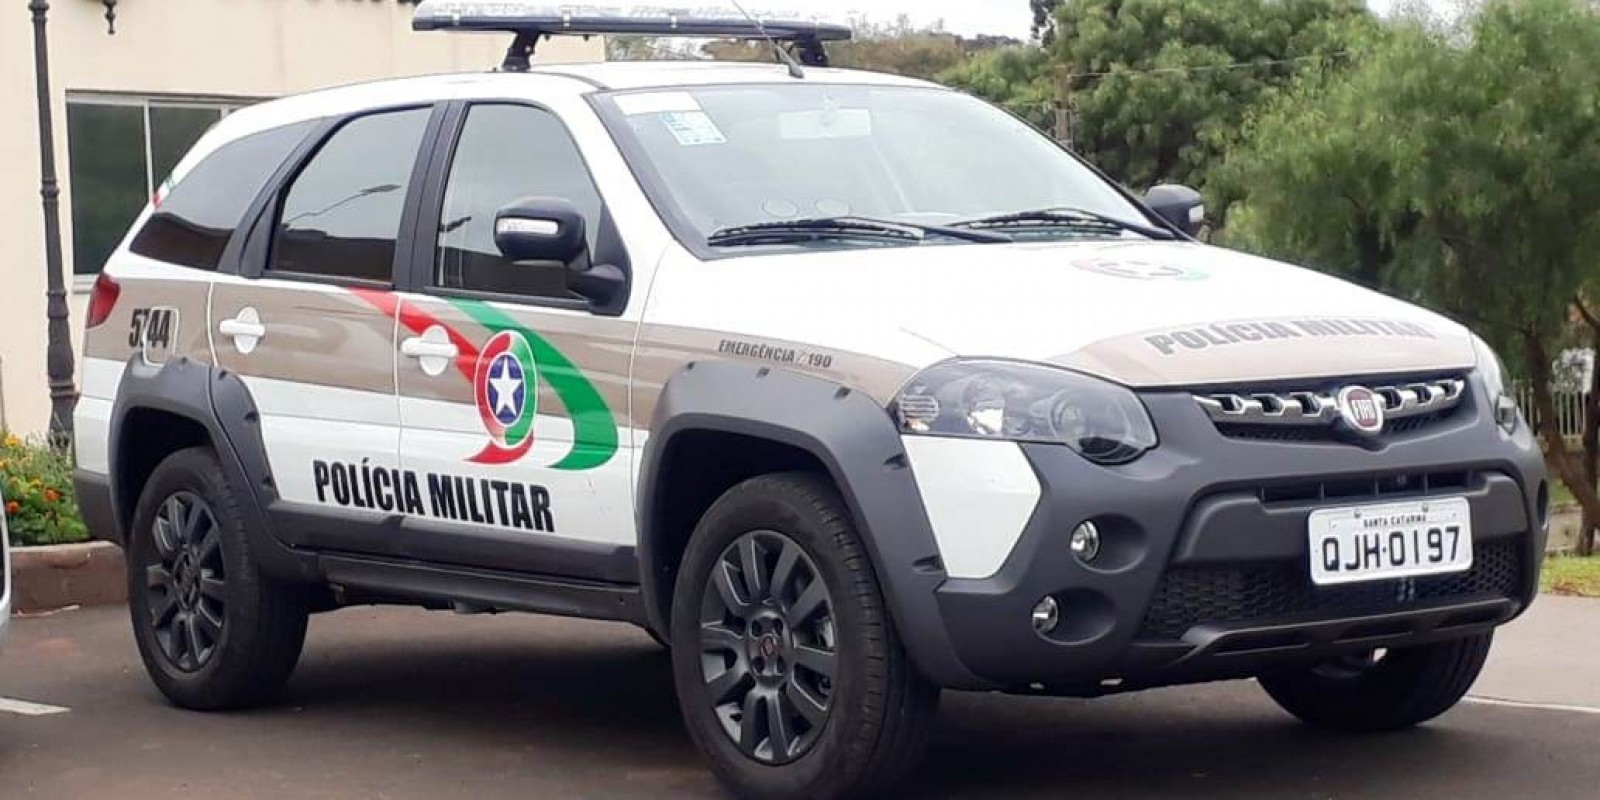 Bandidos armados invadem residência em São Ludgero